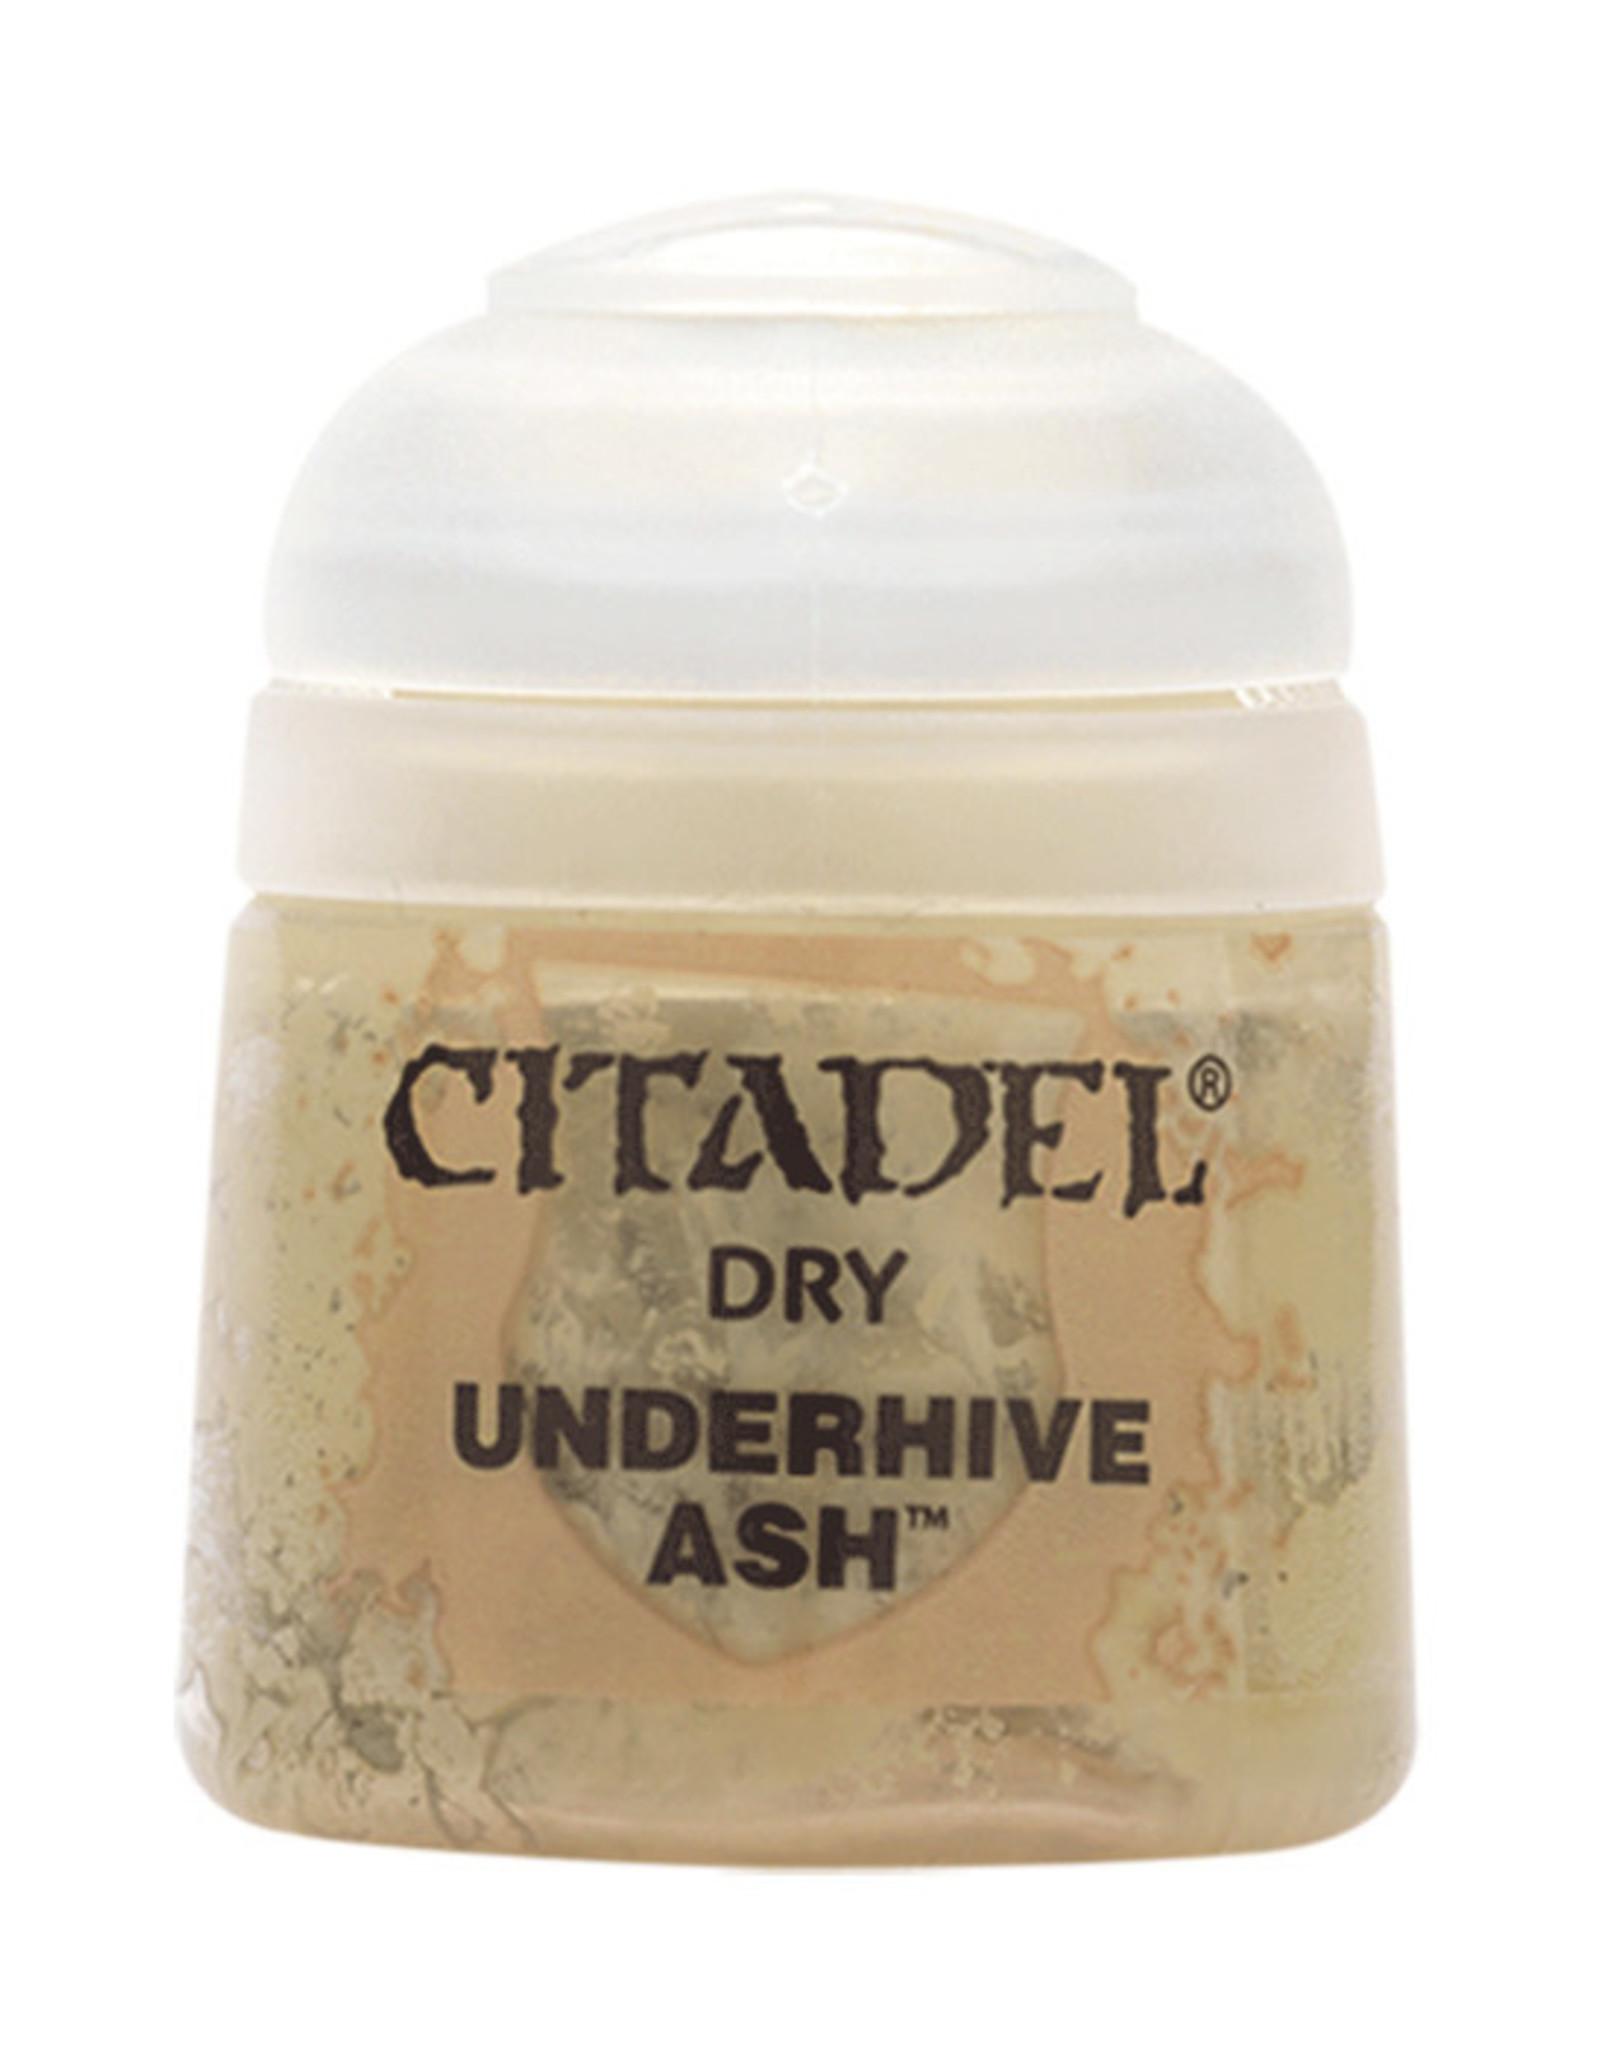 Citadel Citadel Colour: Dry - Underhive Ash